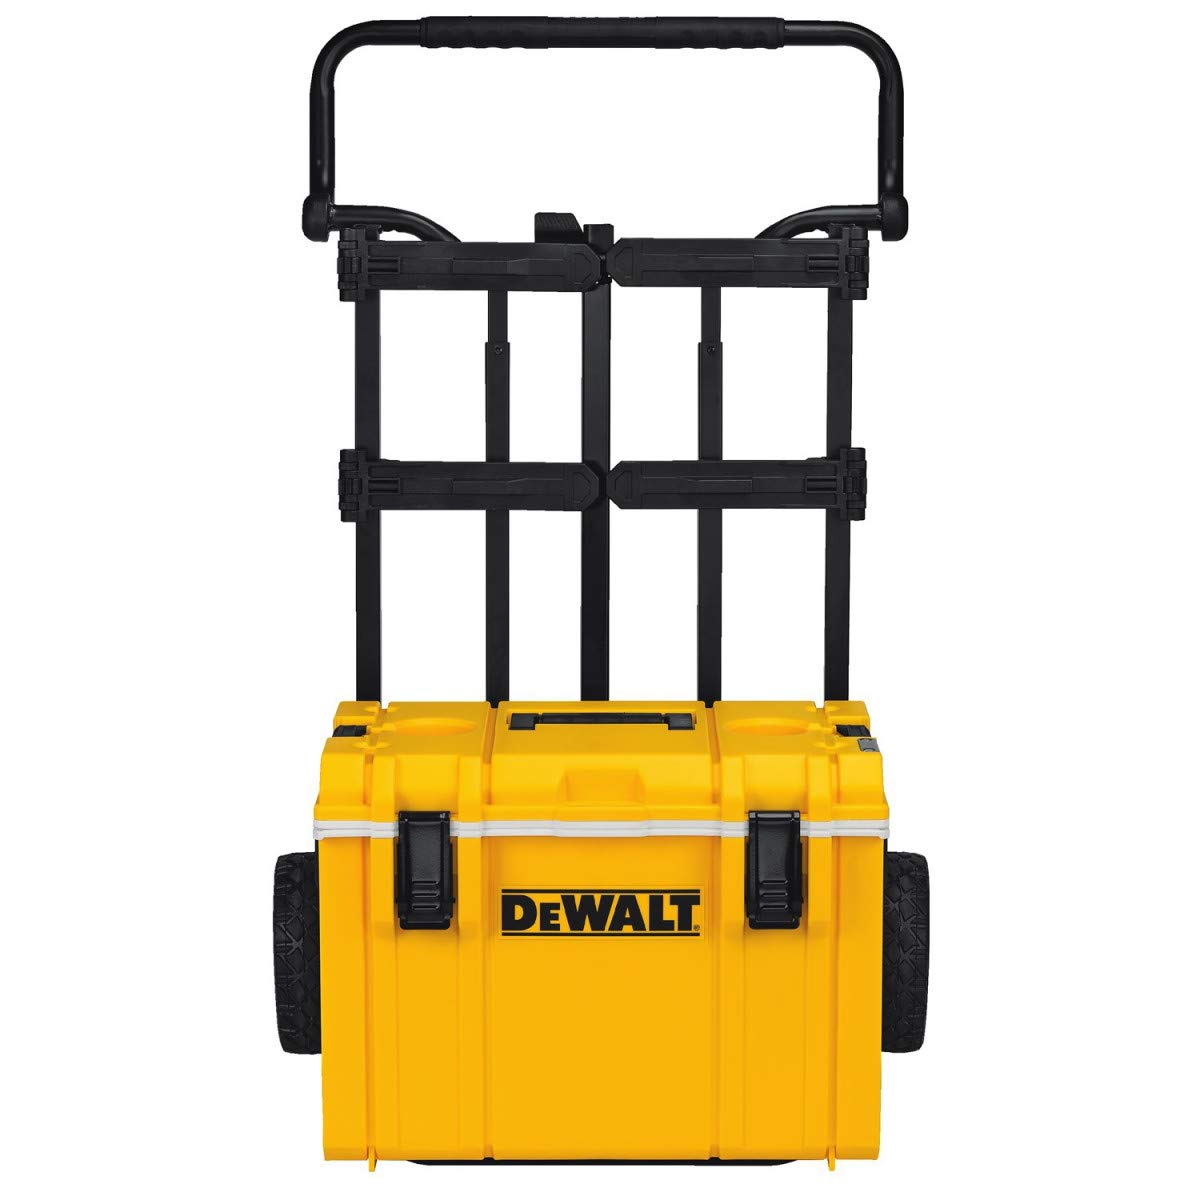 DEWALT Tough System Cooler (DWST08404) by DEWALT (Image #2)